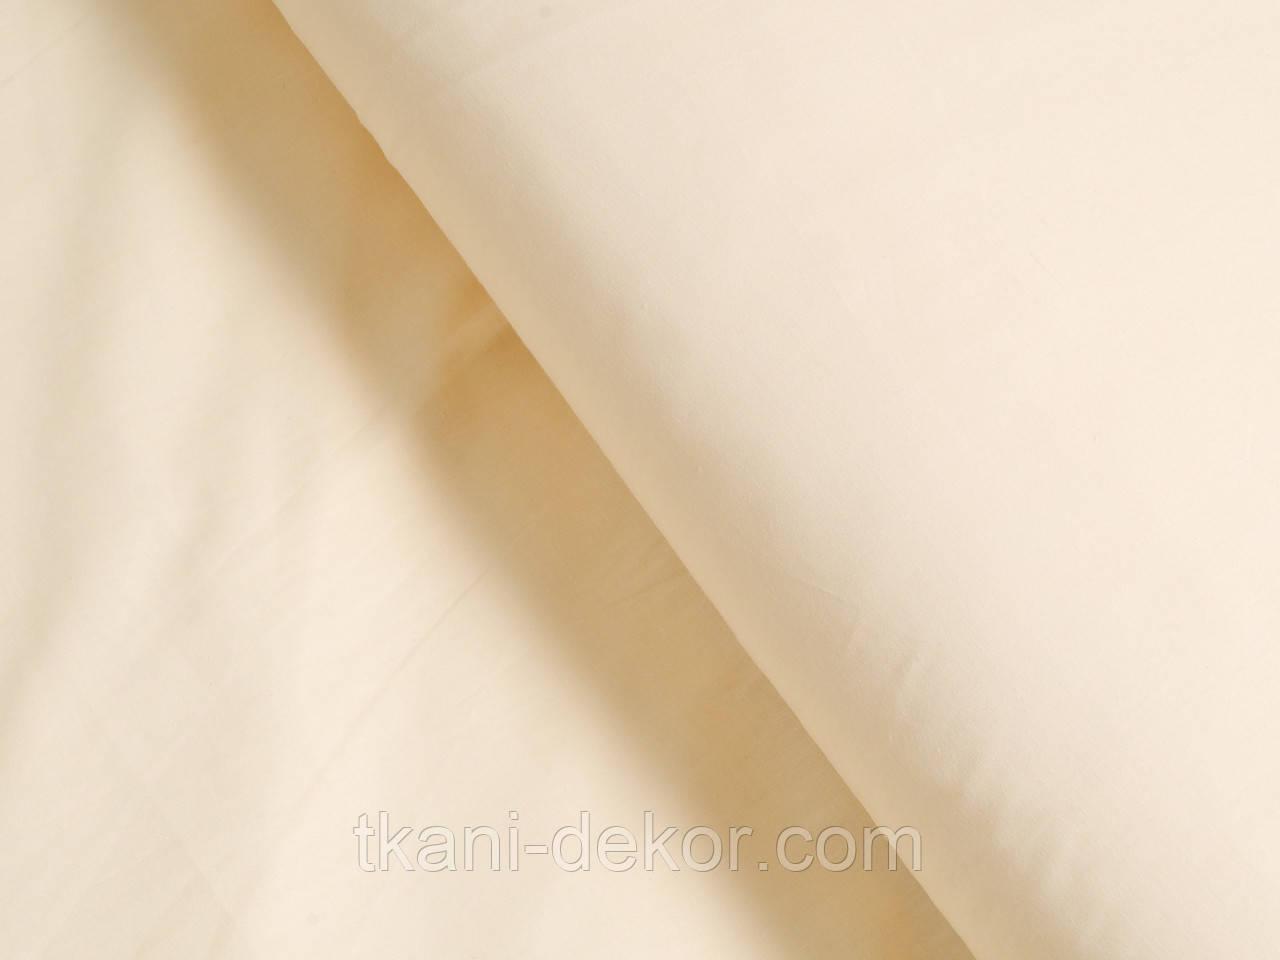 Сатин (хлопковая ткань) однотонный кремовый (2.55 м)